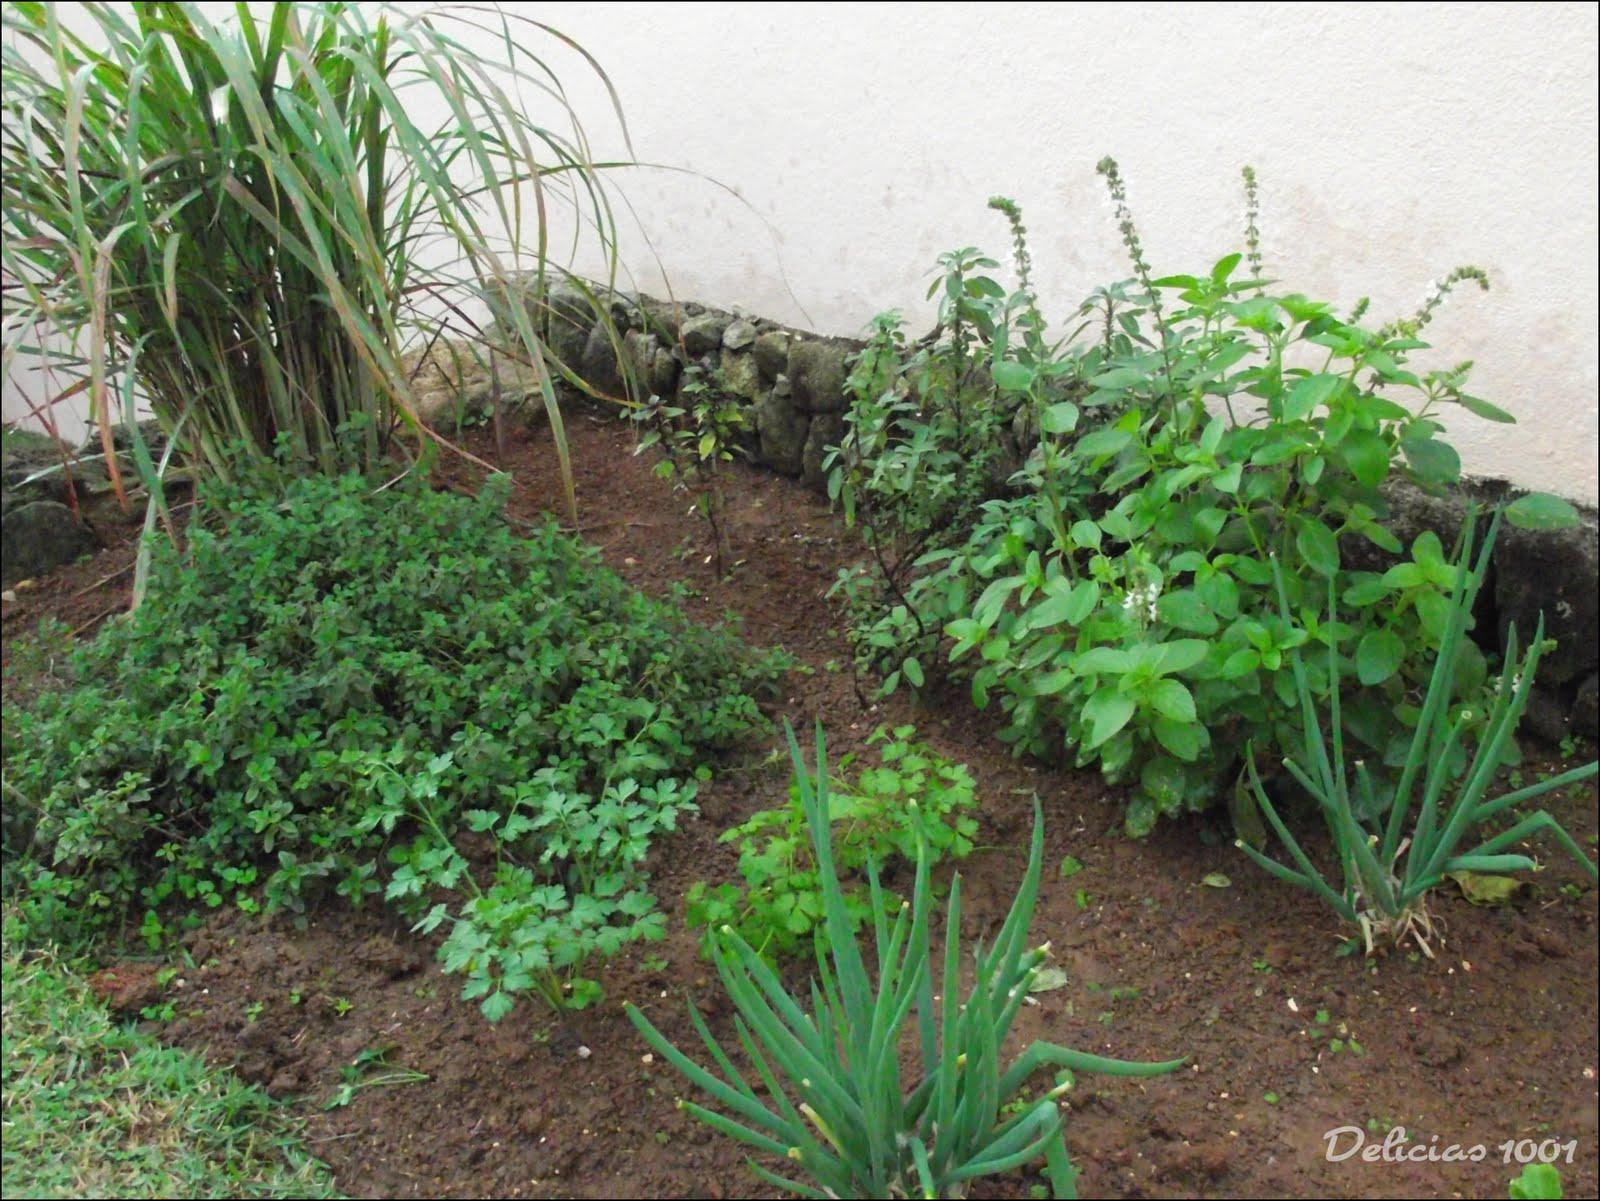 Muitas vezes Meu pomar/horta/jardim: ERVAS - Delícias 1001Delícias 1001 FC29